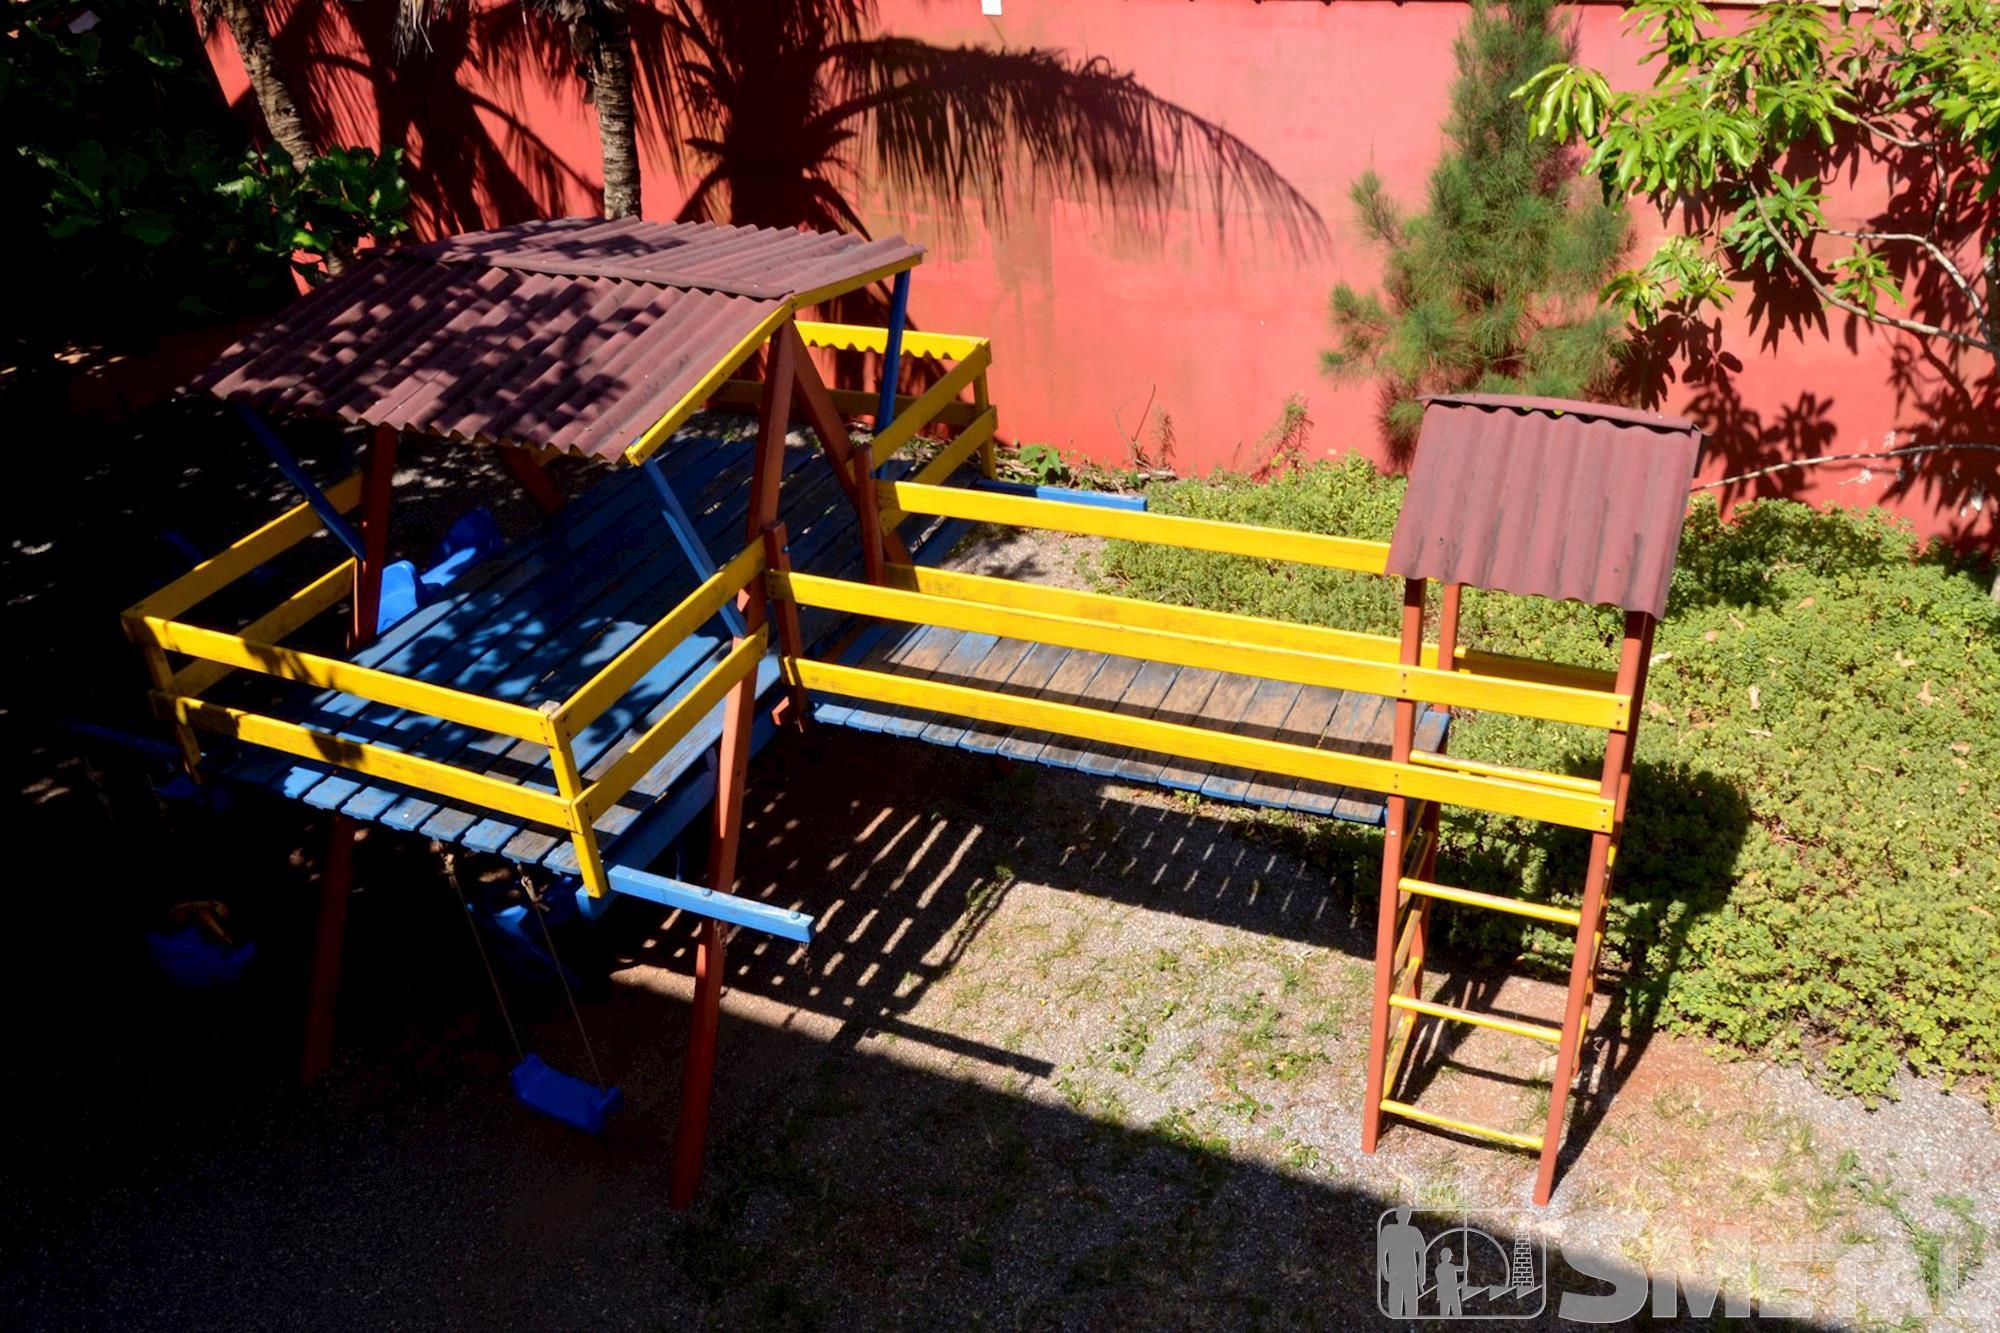 ilha,  colônia,  smetal,  metalúrgico,  praia, Fernanda Ikedo/Imprensa SMetal, Aproveite o verão na Colônia de Férias do SMetal em Ilha Comprida